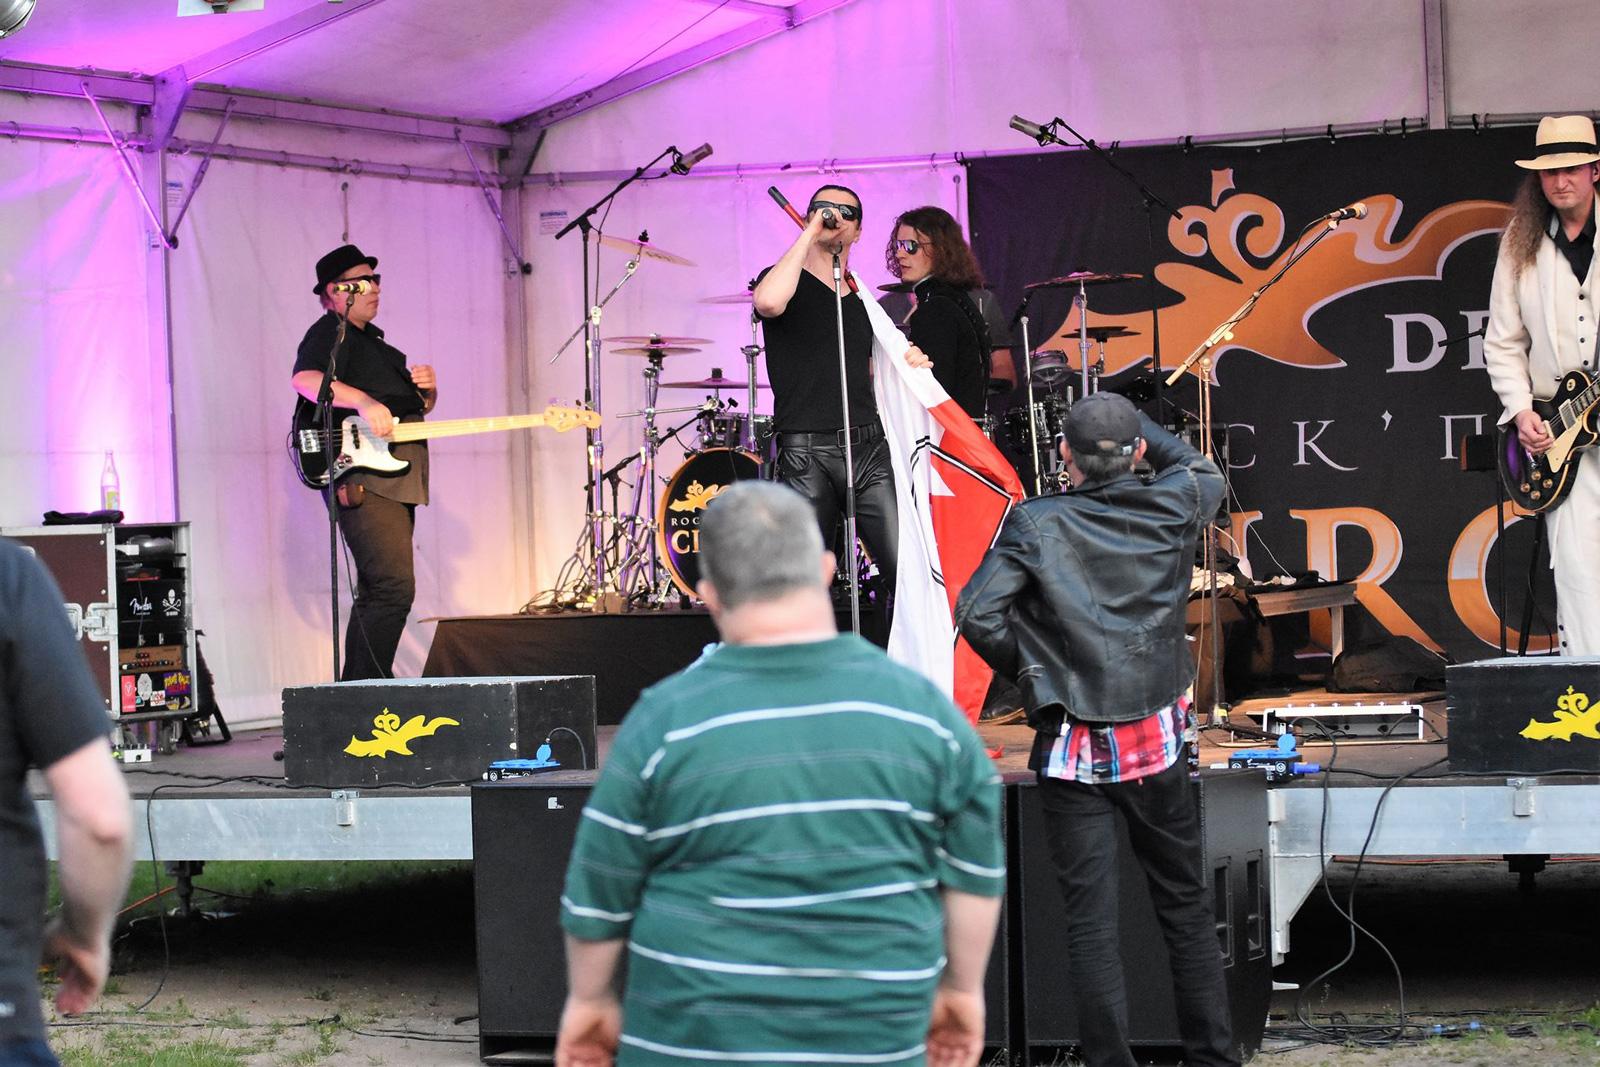 Bands und Musik fanden großen Anklang bei den Bewohnern der Wohnstätte. Rund 800 Gäste zog das Event an.